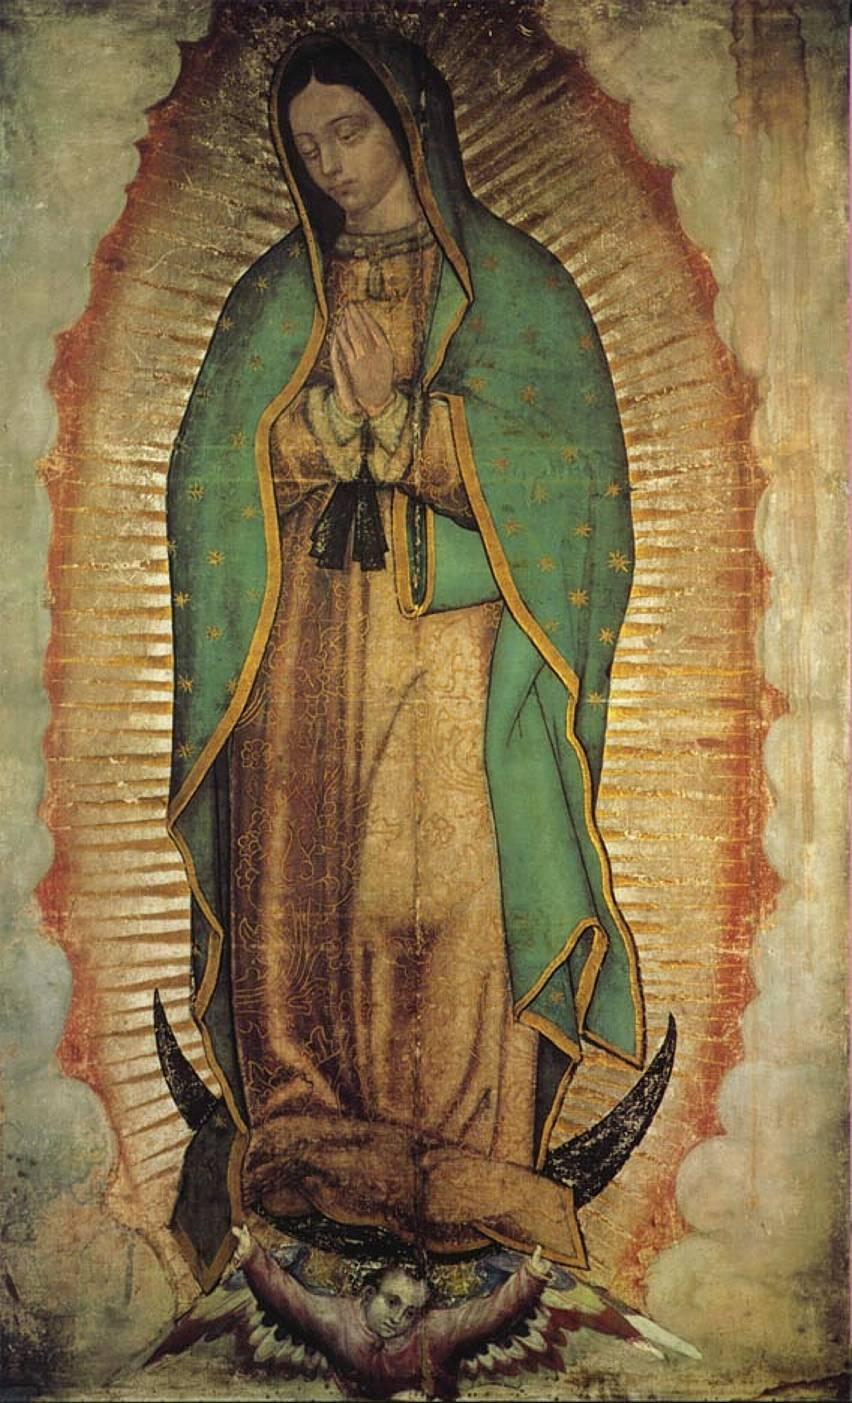 imagen real de Nuestra Señora Virgen de Guadalupe